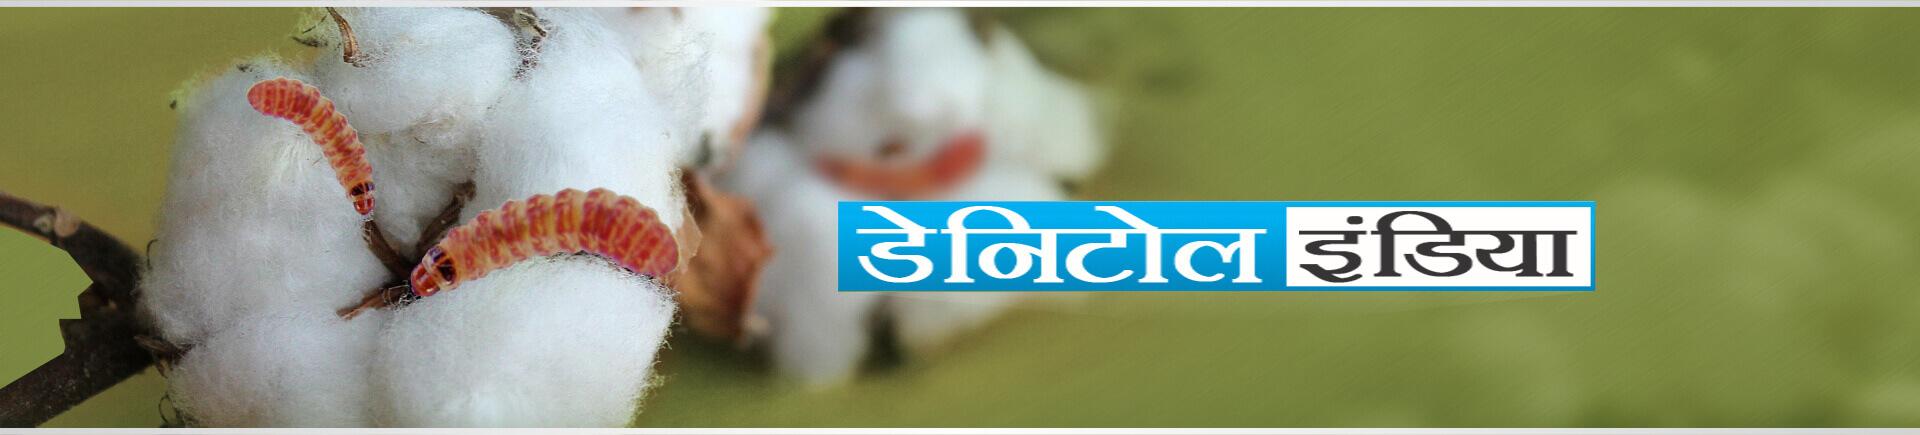 Sumitomo Danitol Website banner hindi